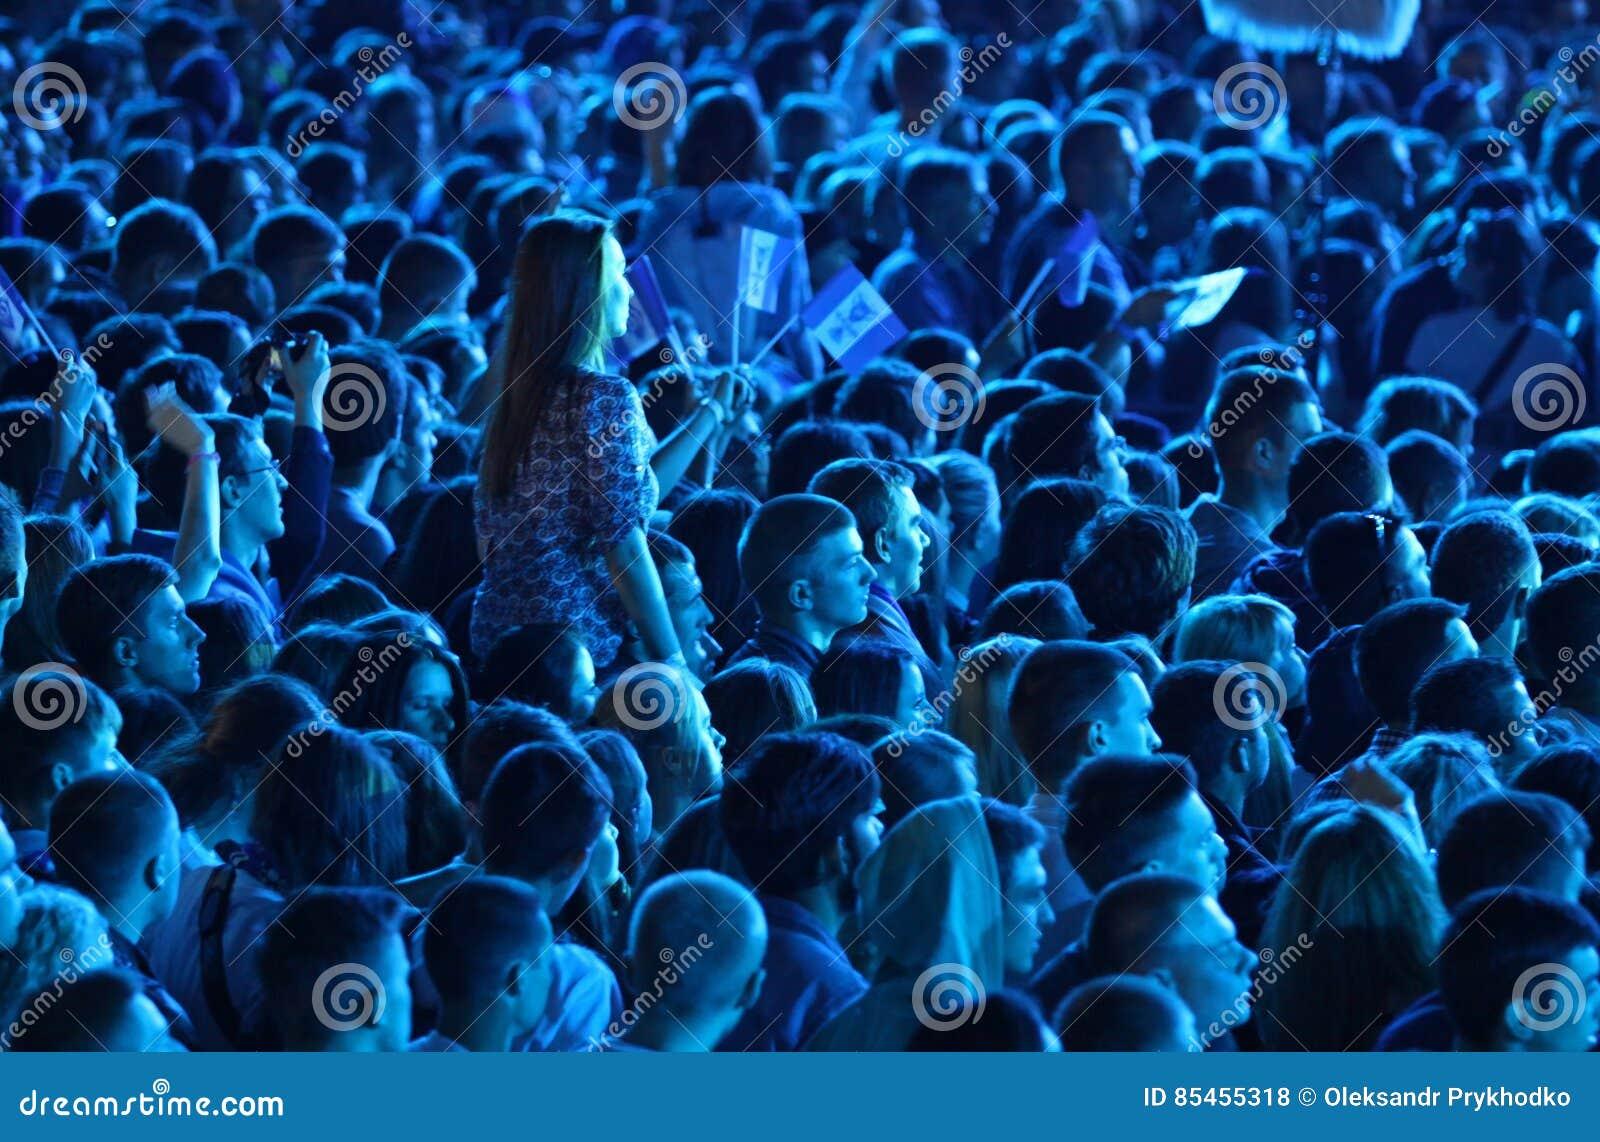 La gente disfruta de concierto de rock en un estadio